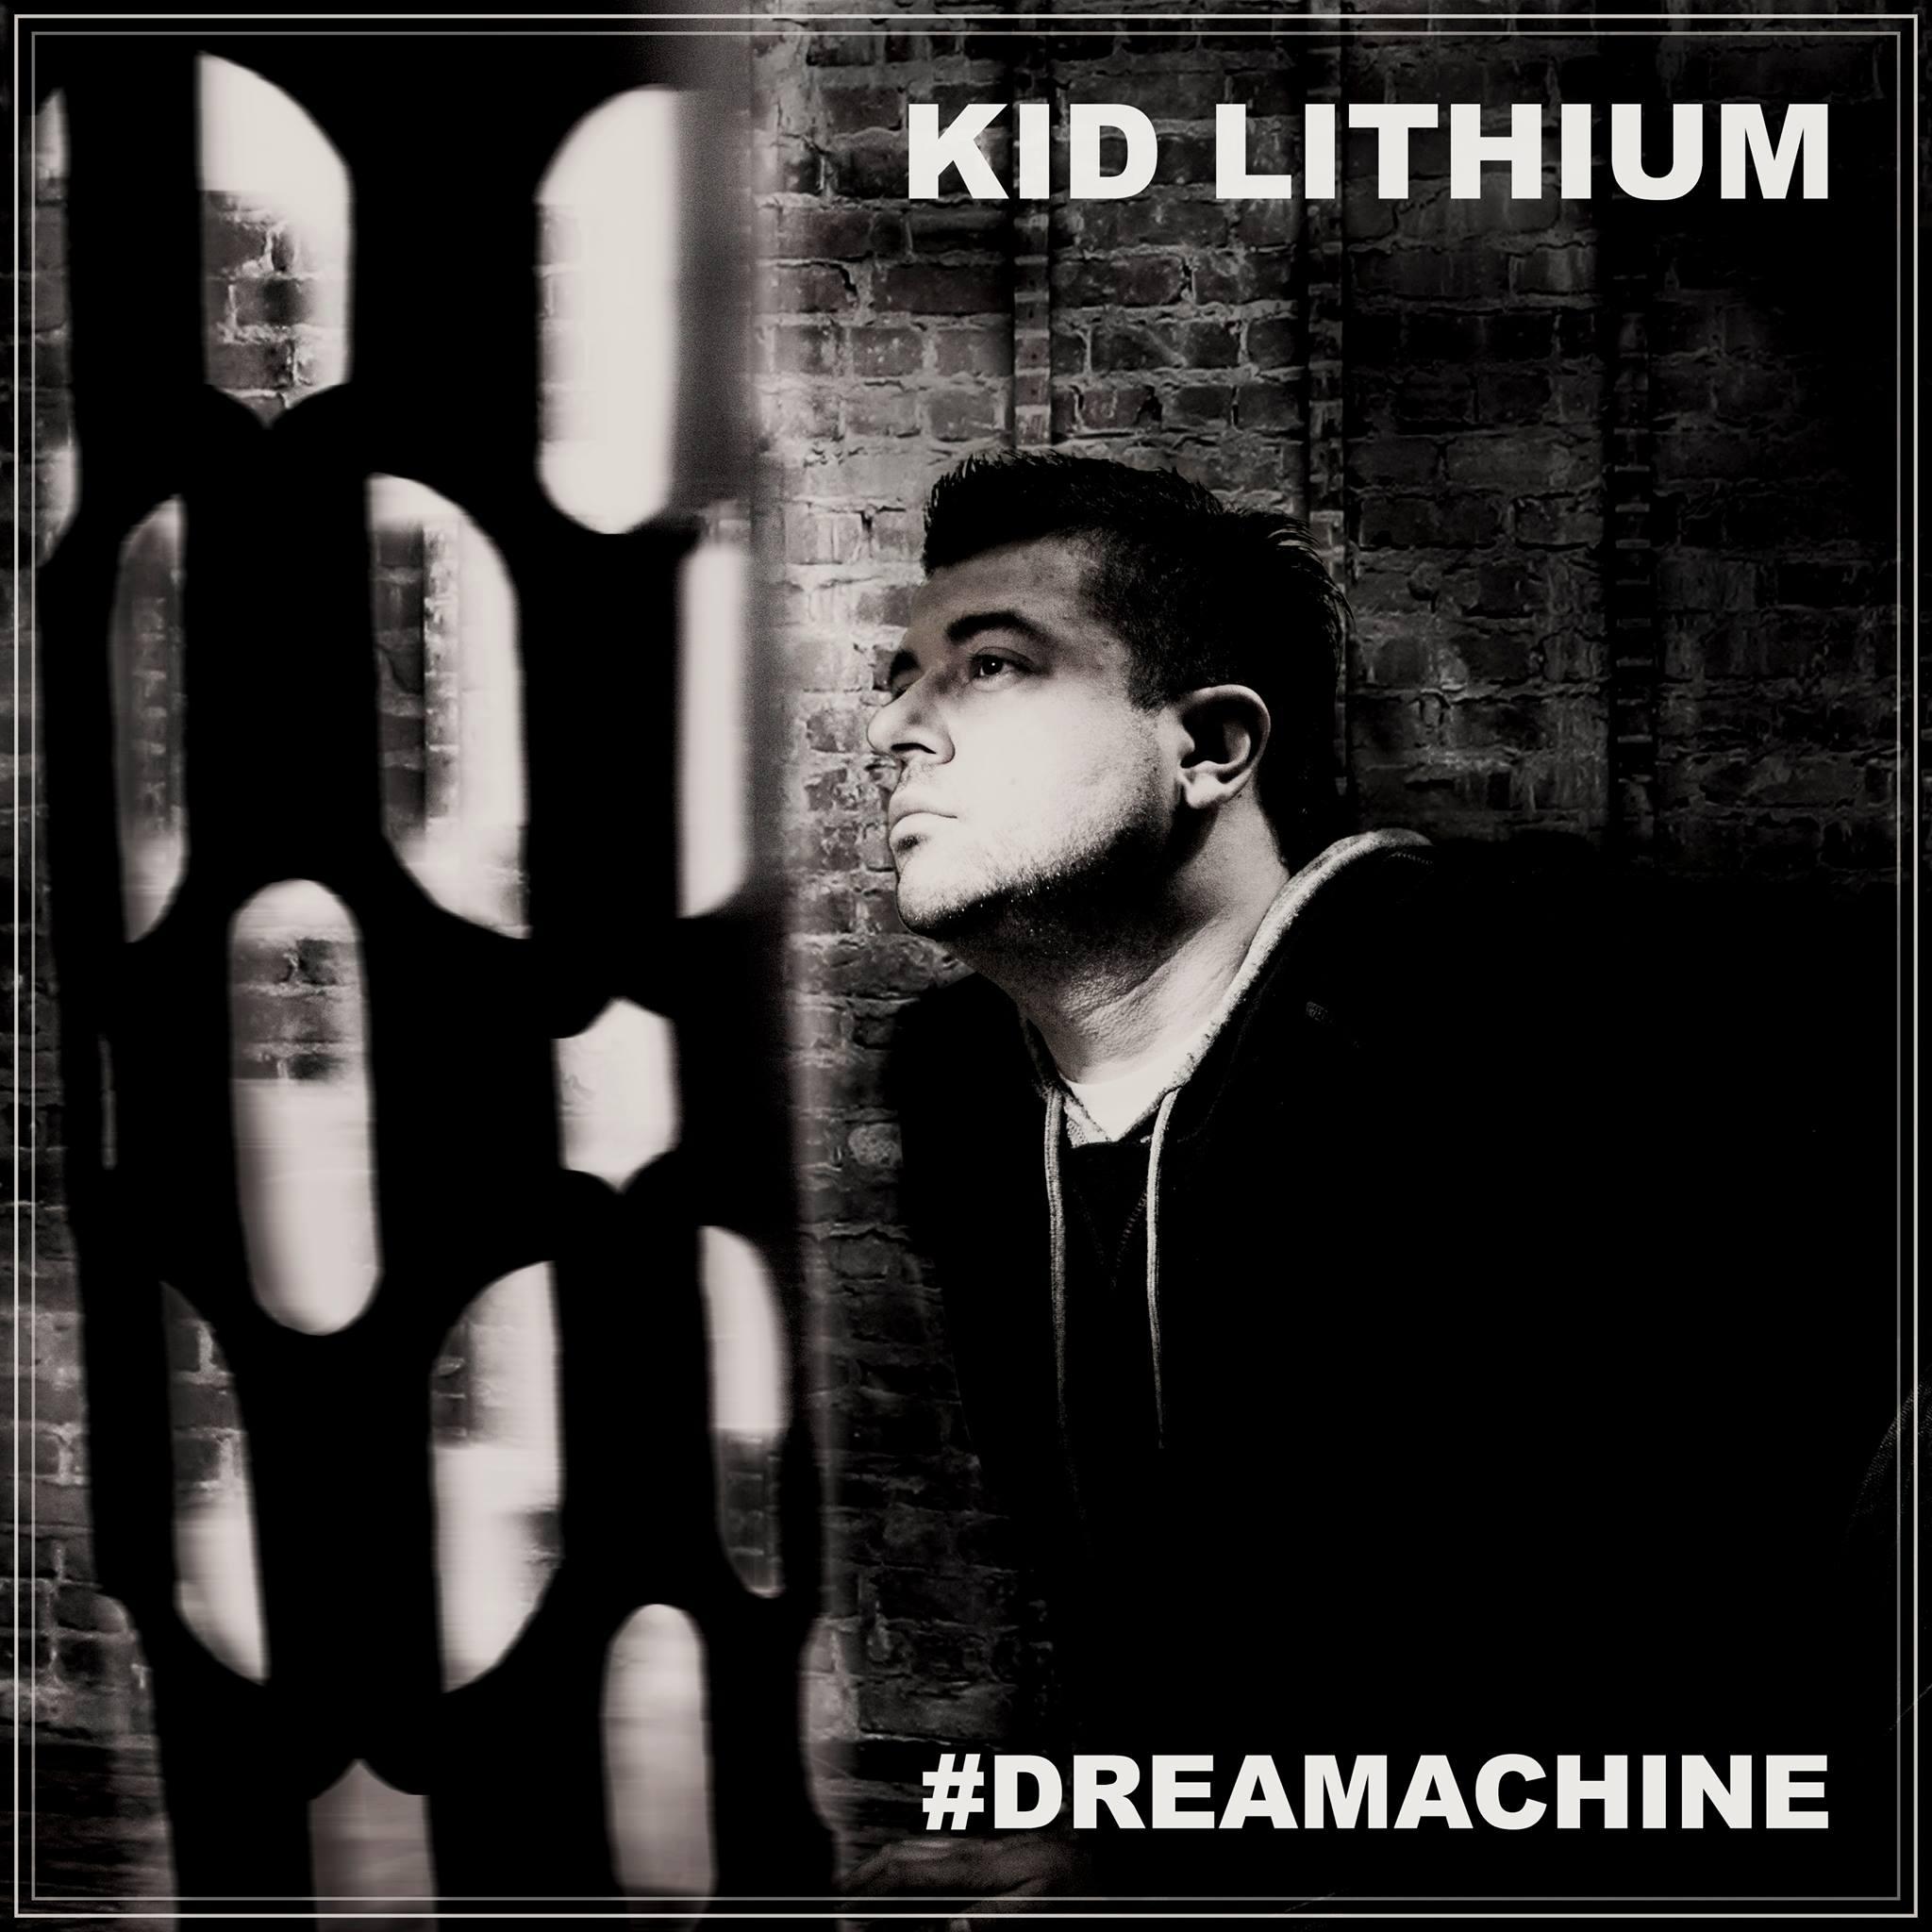 Kid Lithium FC